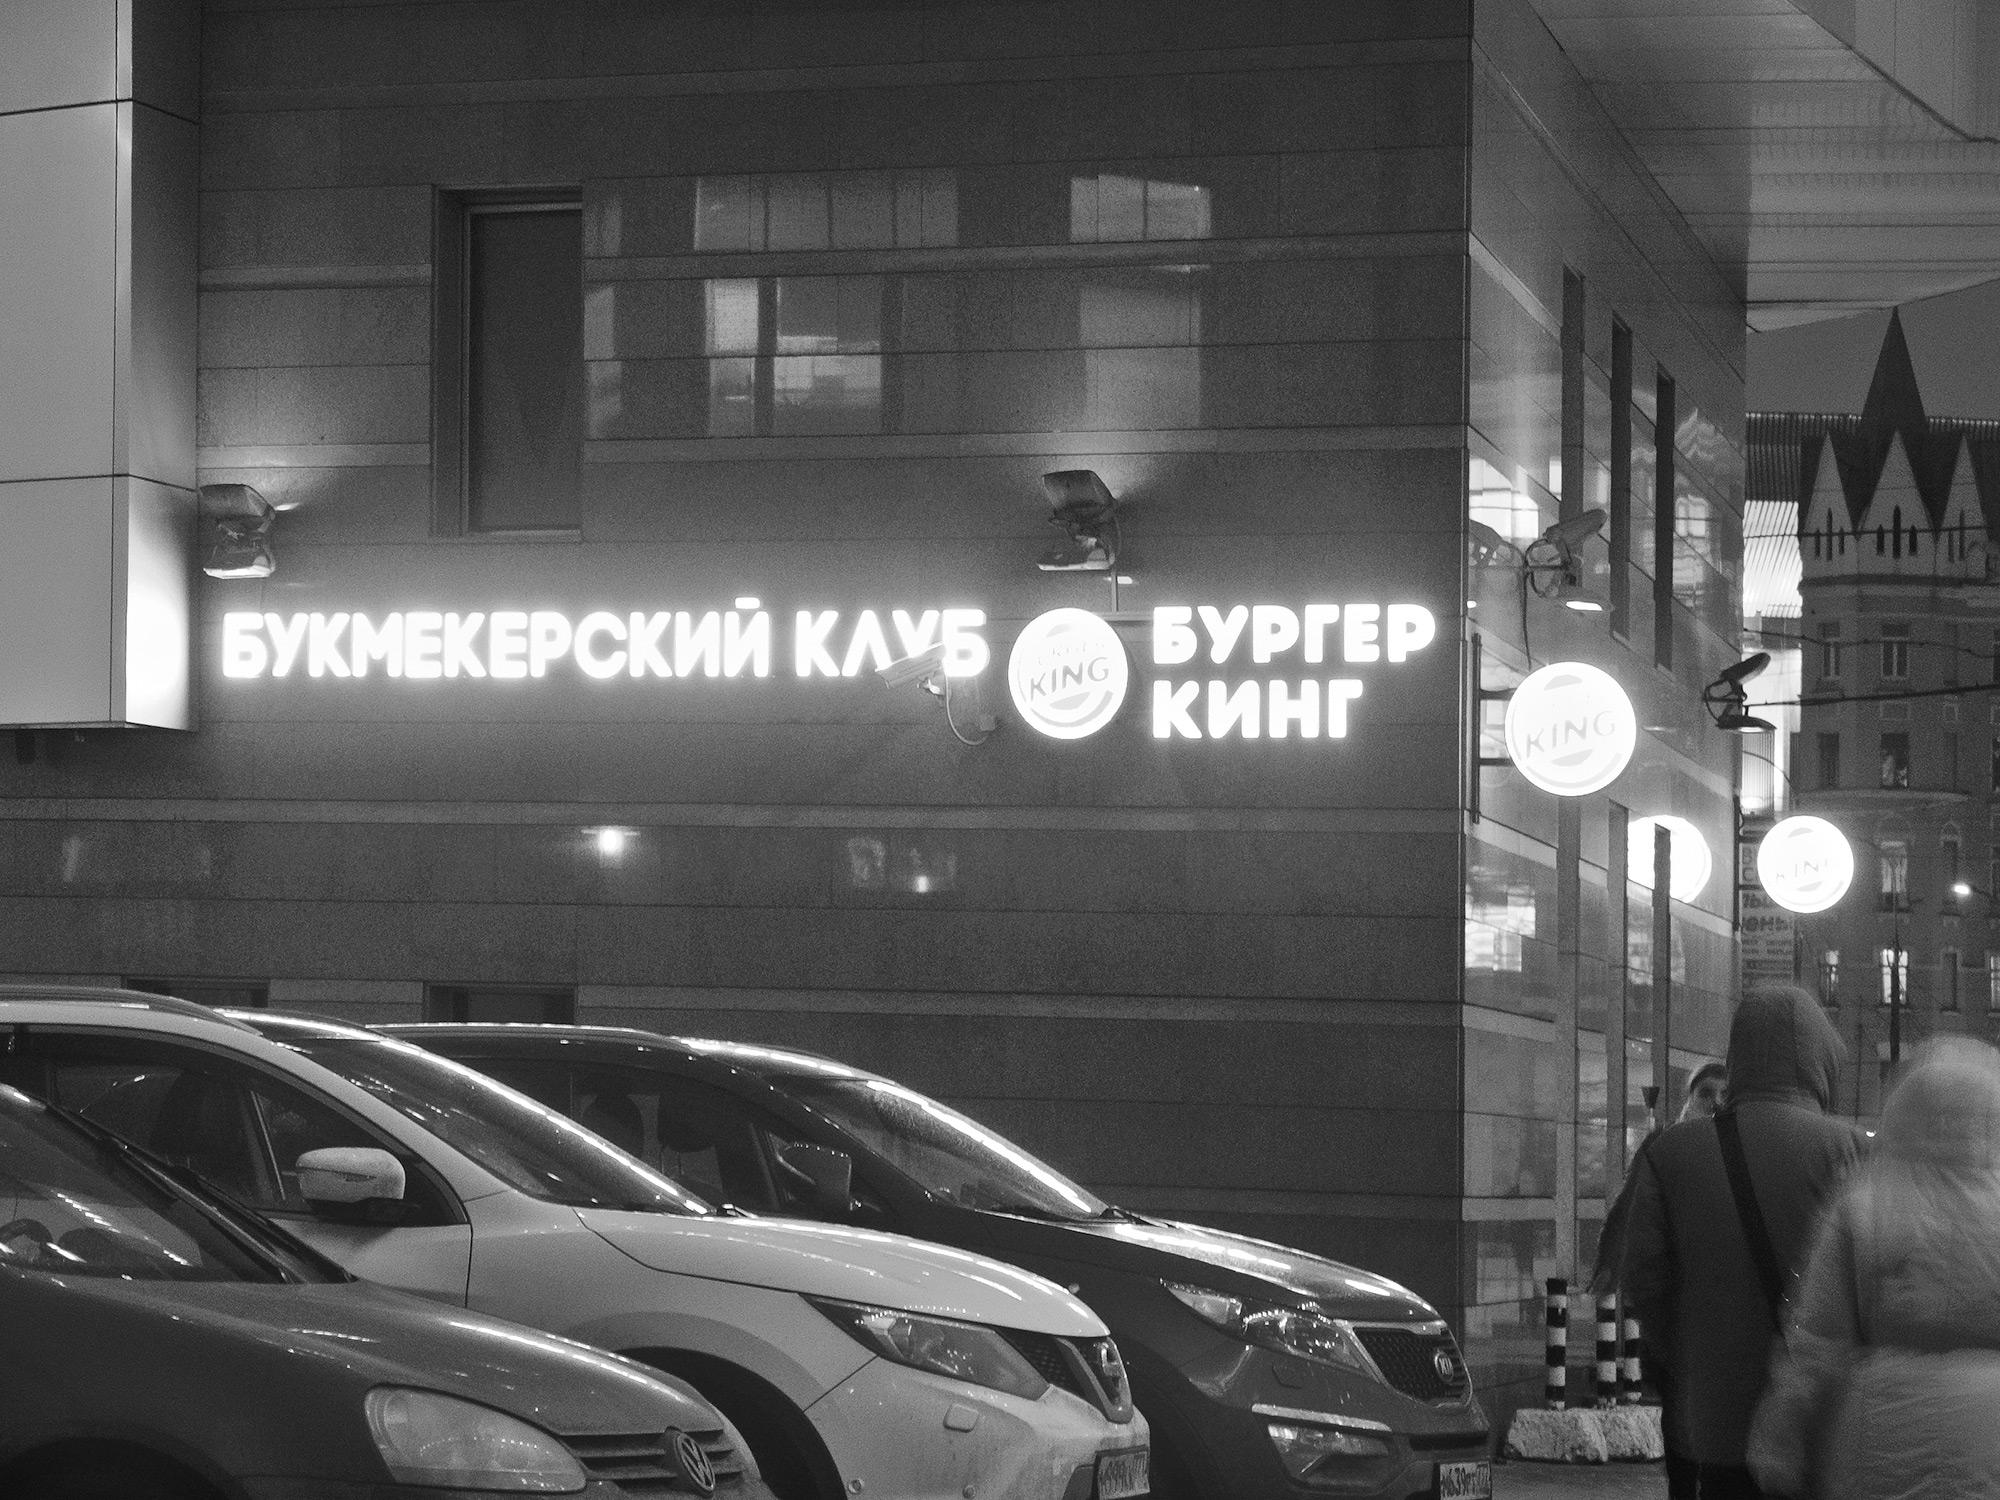 """Букмекерский клуб """"Бургер Кинг"""""""